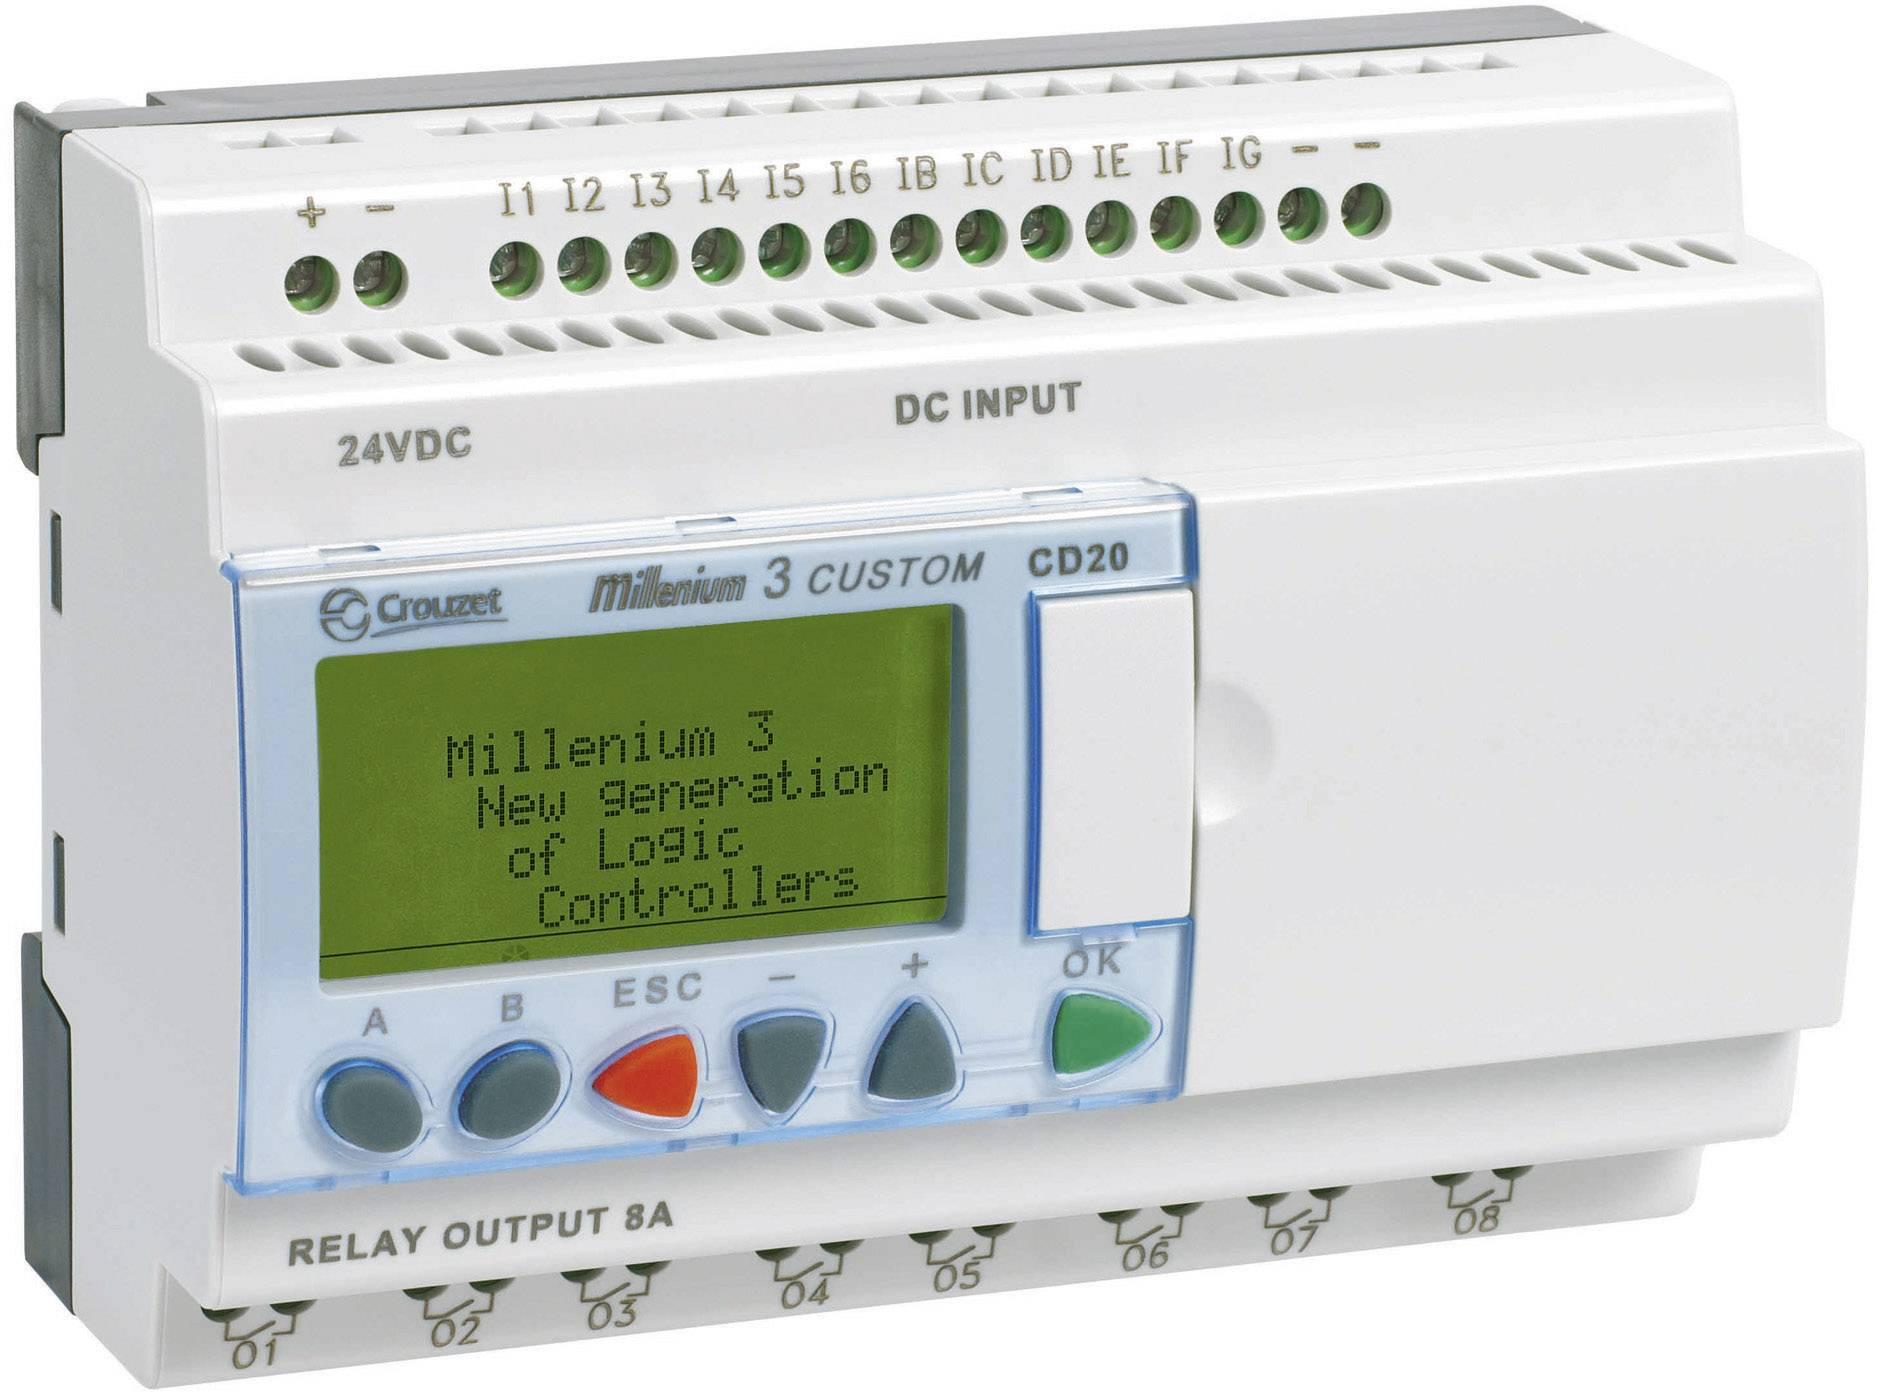 Riadiacimodul Crouzet Millenium 3 CD20 88970051, 24 V/DC